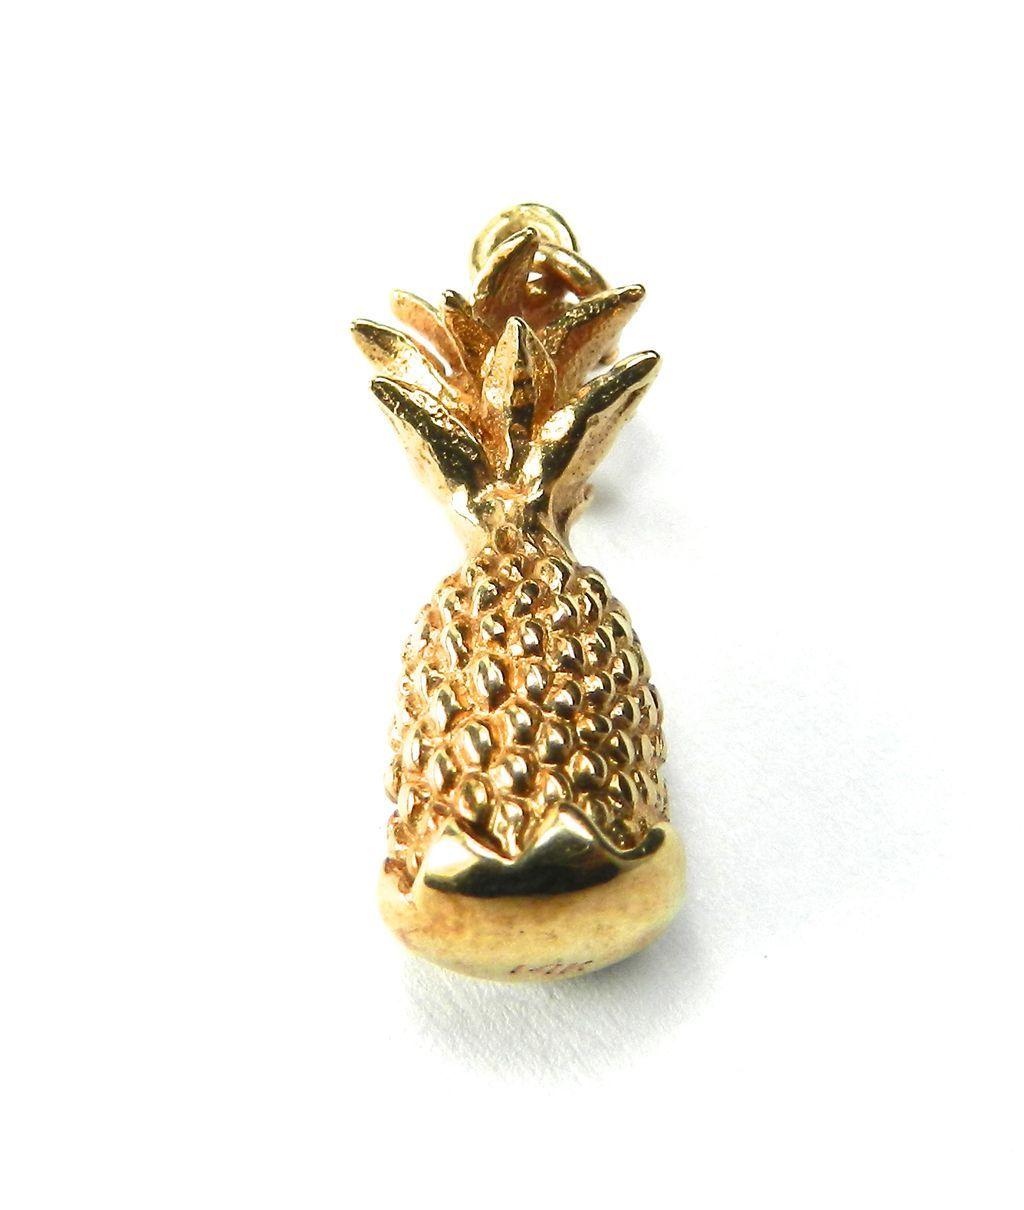 Vintage 14K Pineapple Charm